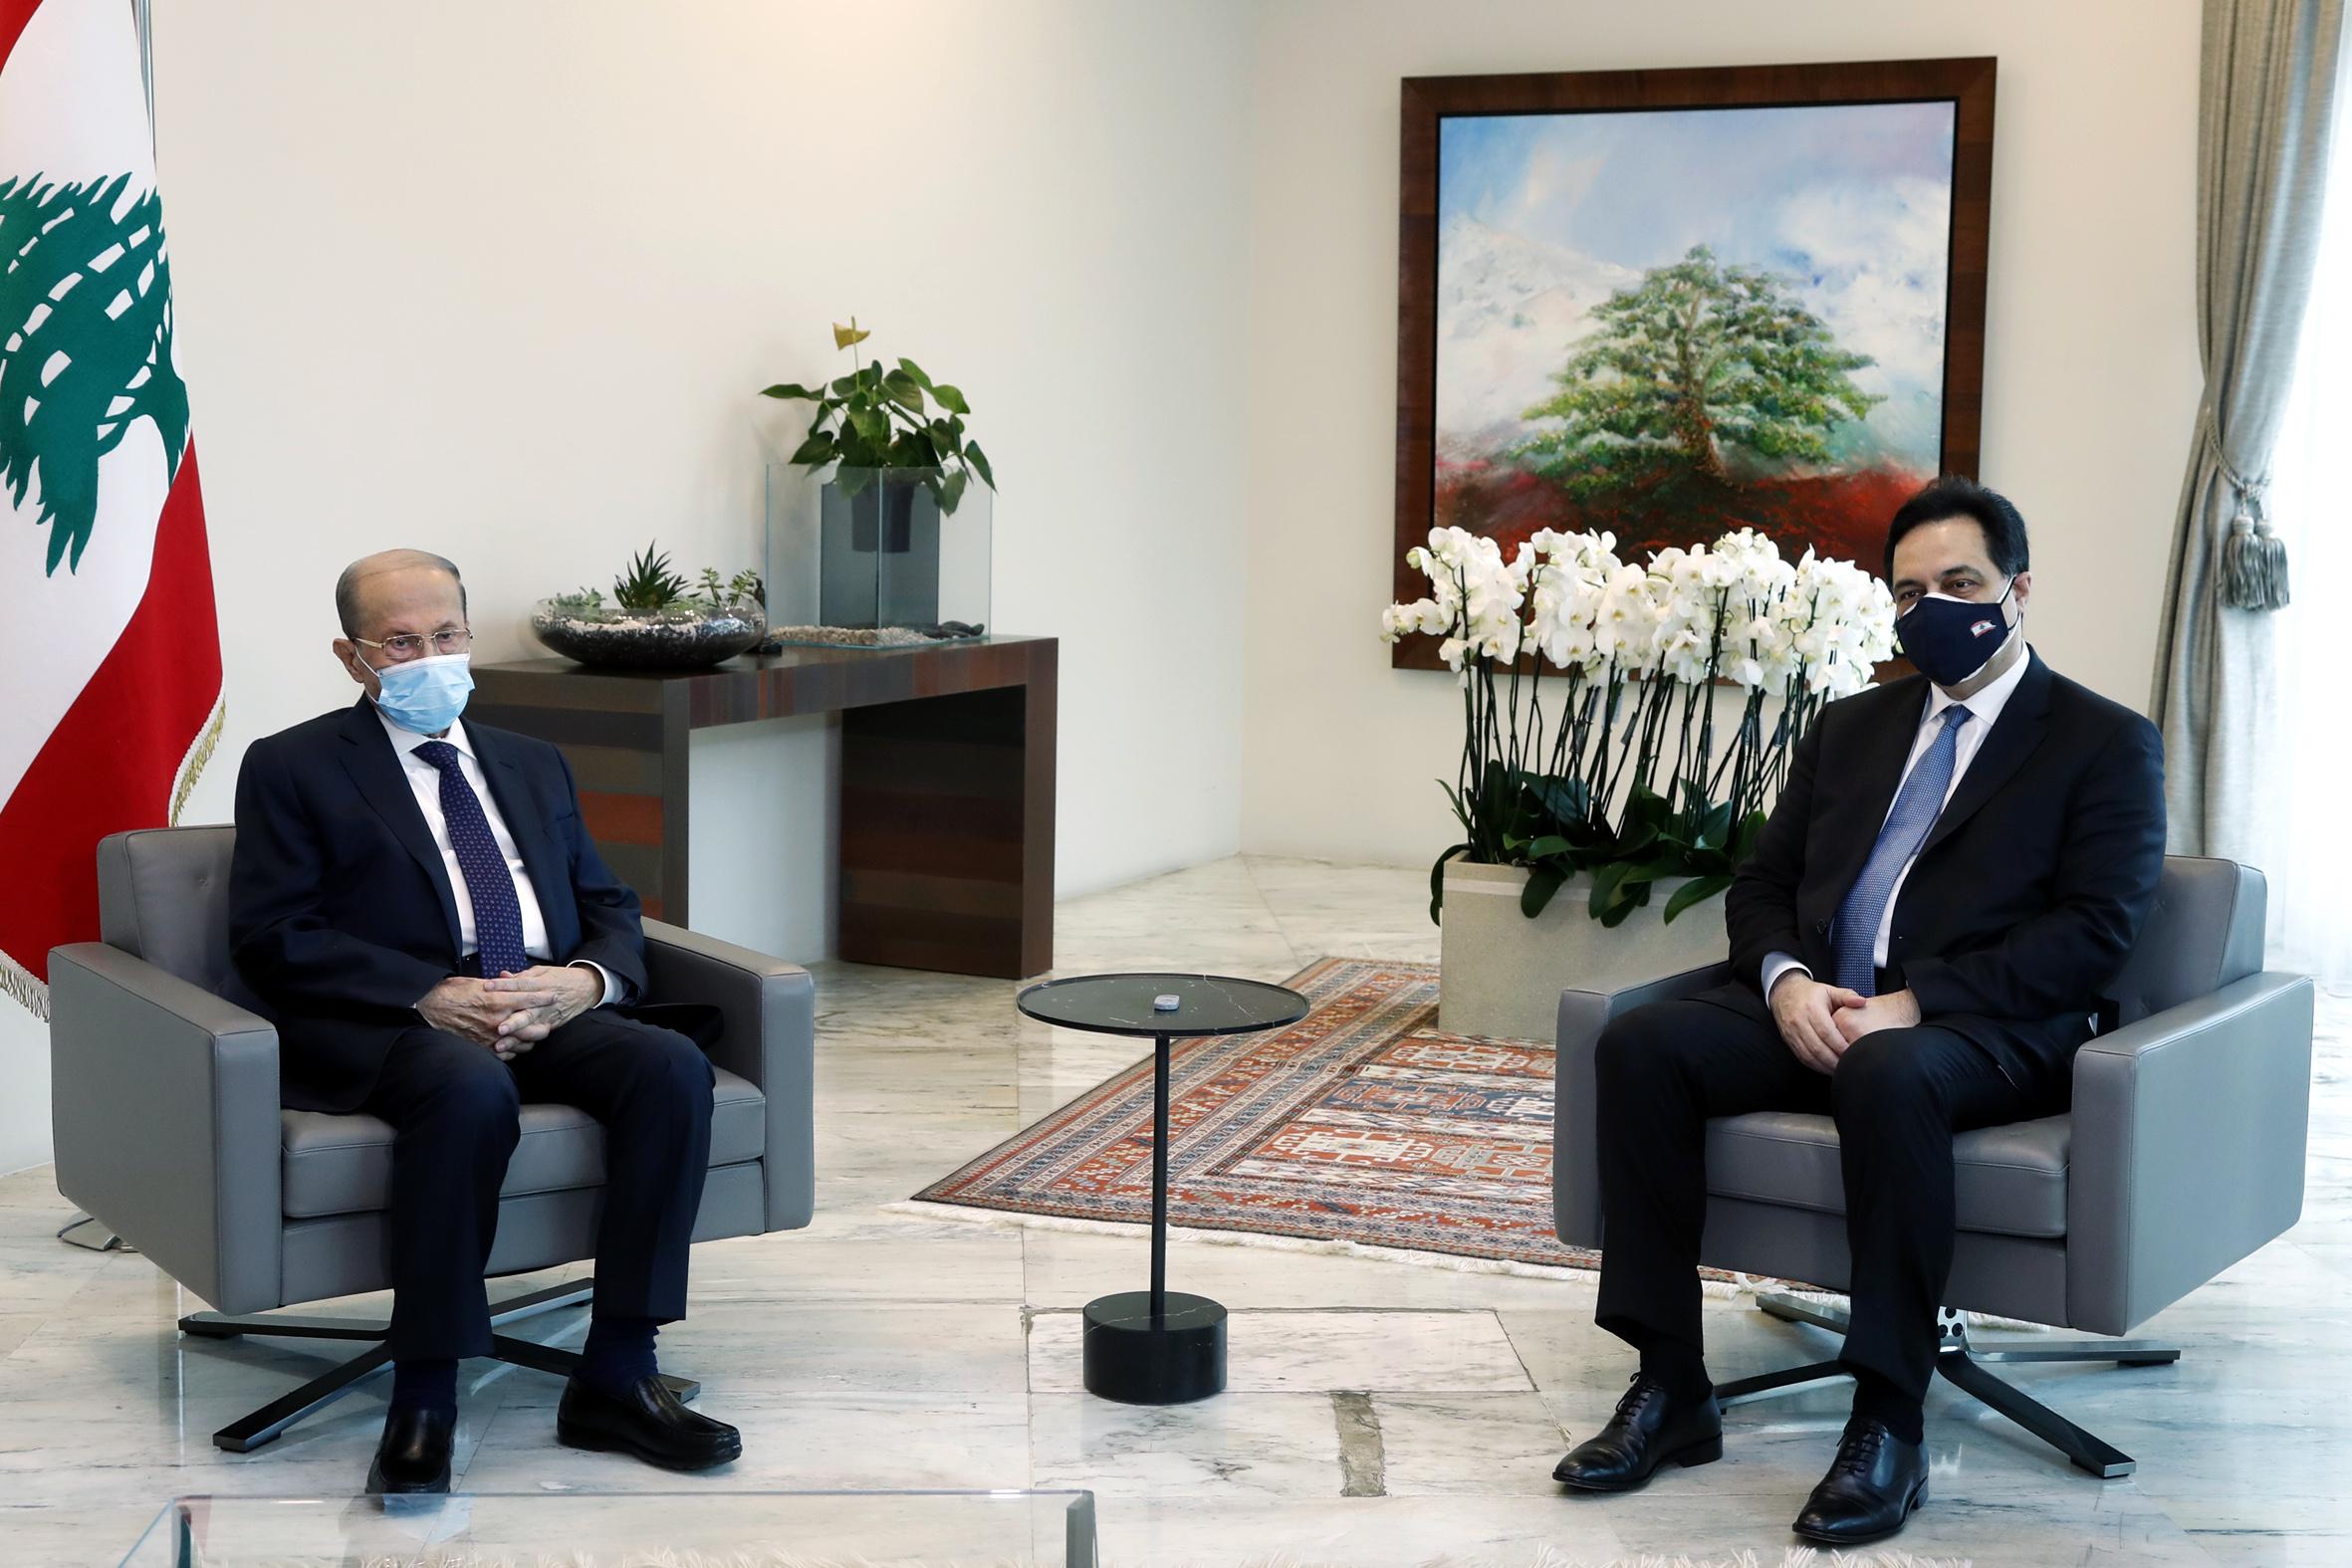 1 - PM Hassan Diab